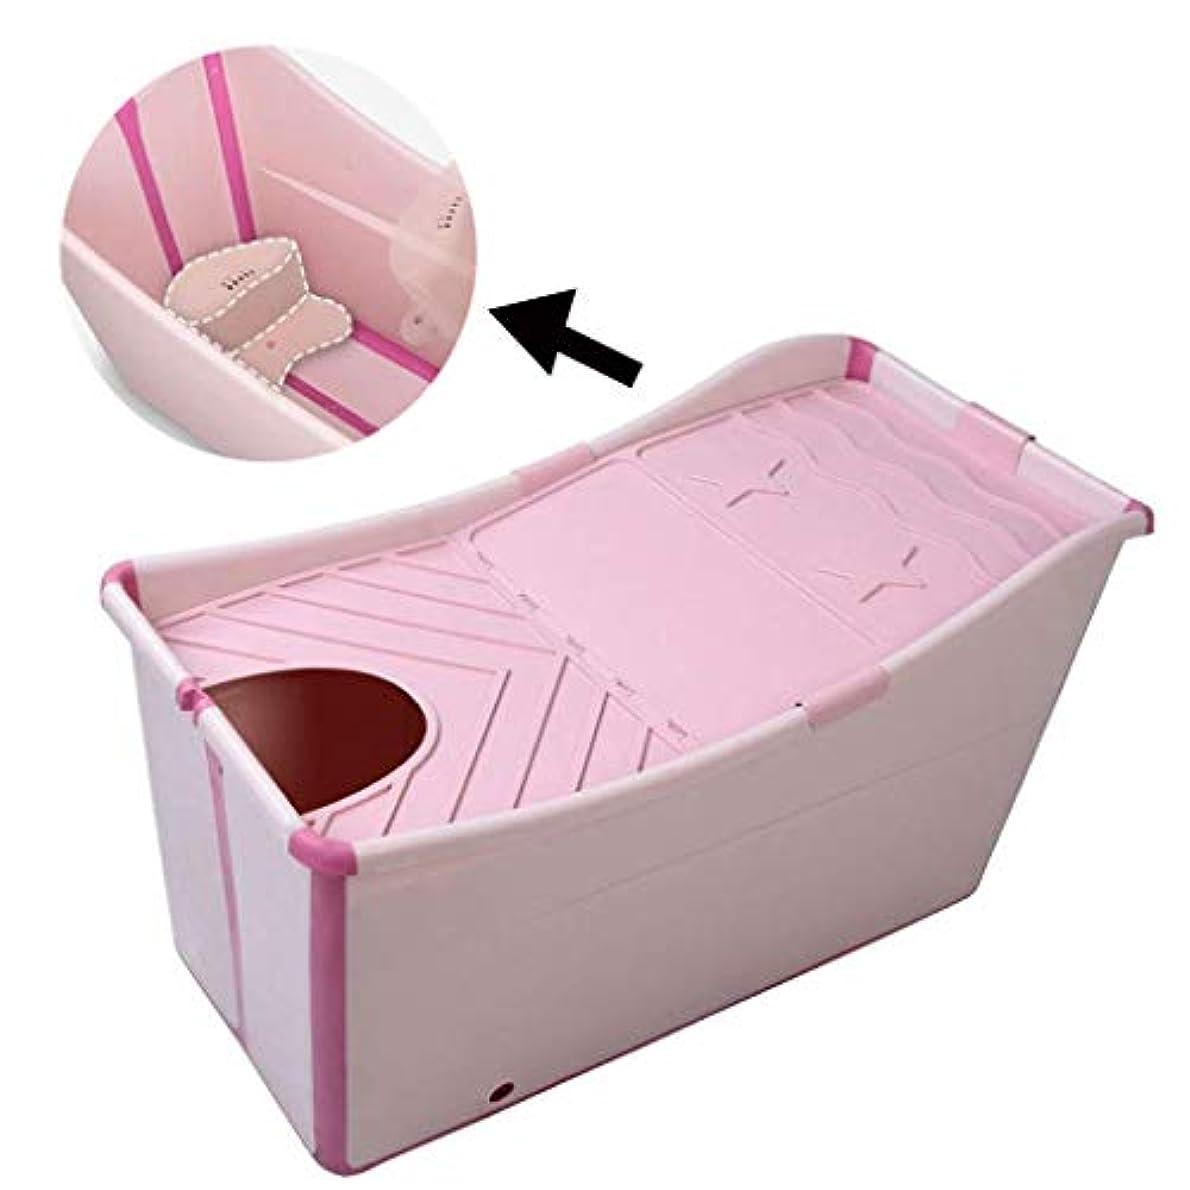 農学好意辞書ジャンボ折り畳み浴槽に入浴椅子があり、夏のプールの独立式浴槽桶は成人/老人、子供、SPA理学療法に適していて、浴槽がさらに高くなって、長い保温時間に蓋が付いています (Color : Pink)